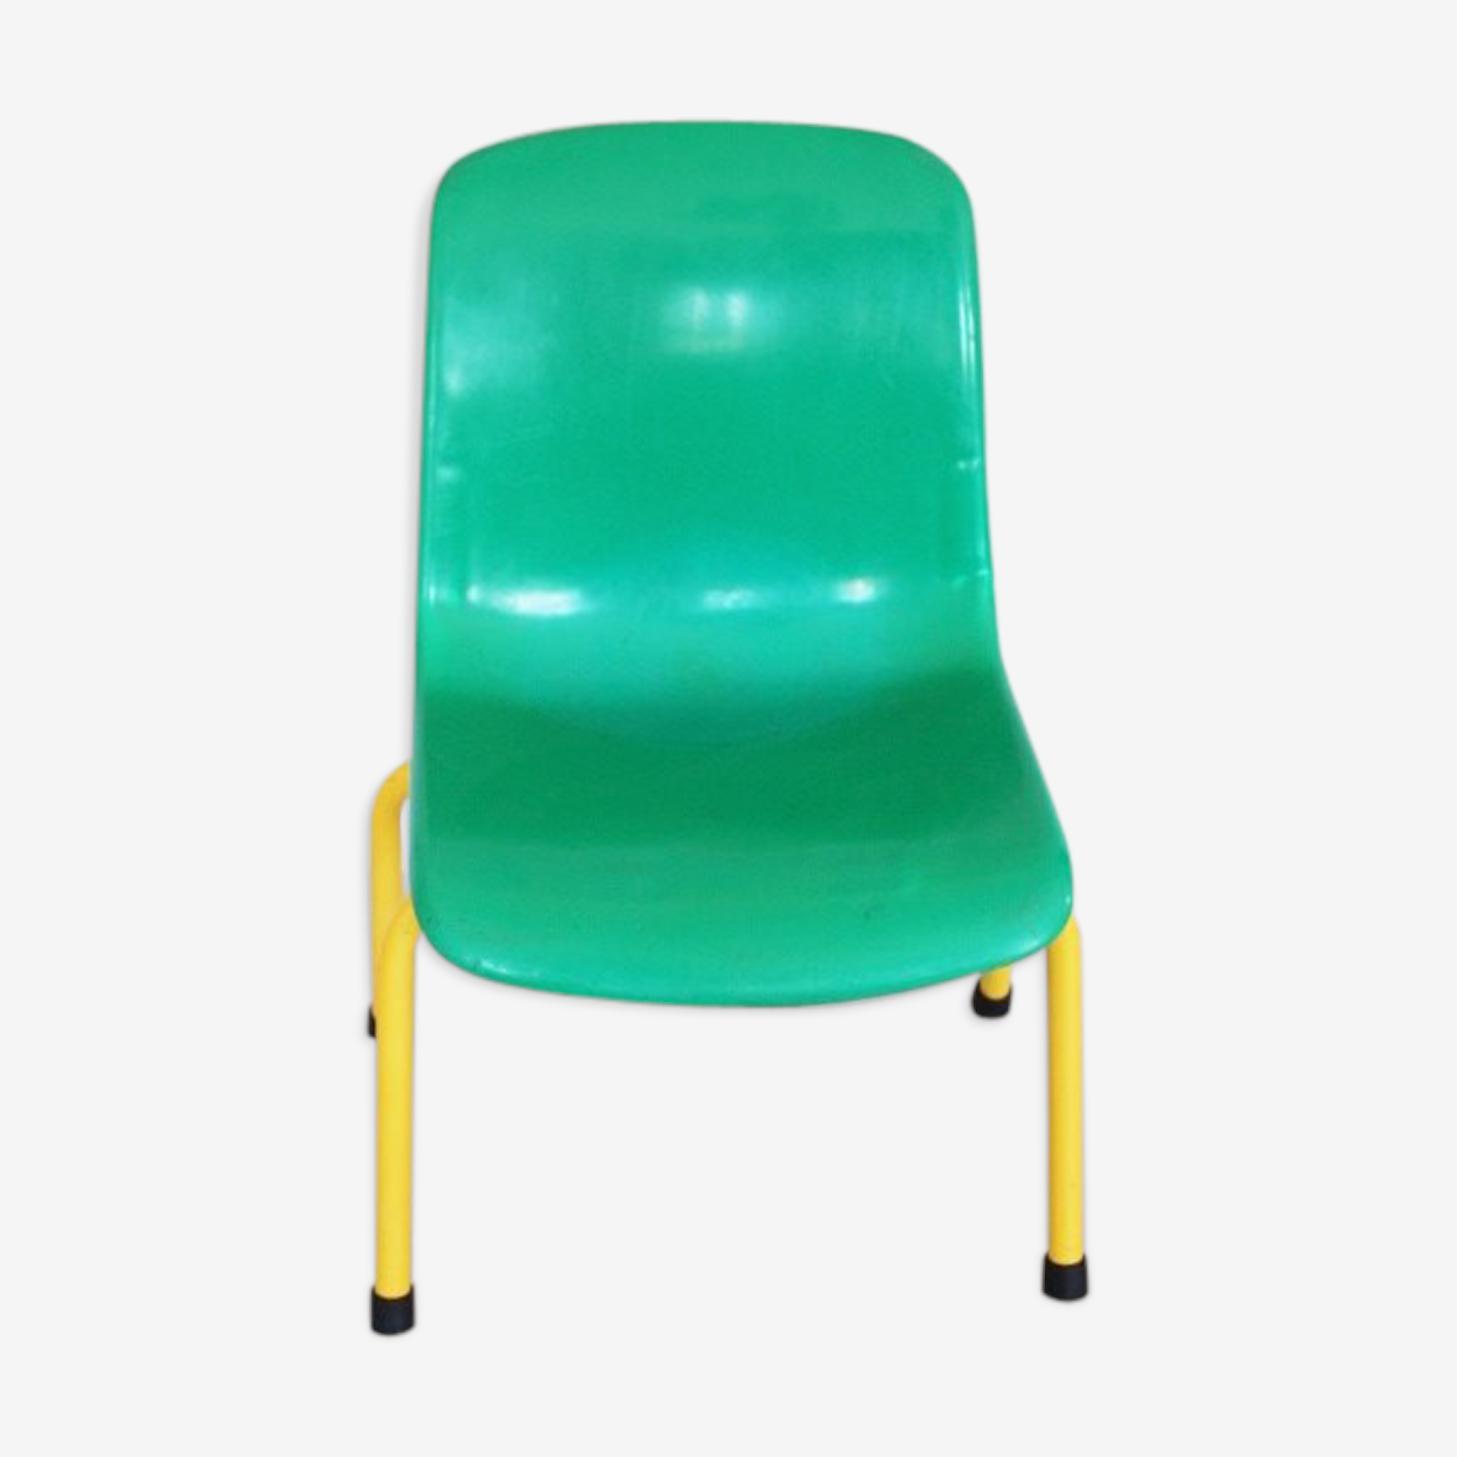 Chaise verte d'école pour enfant